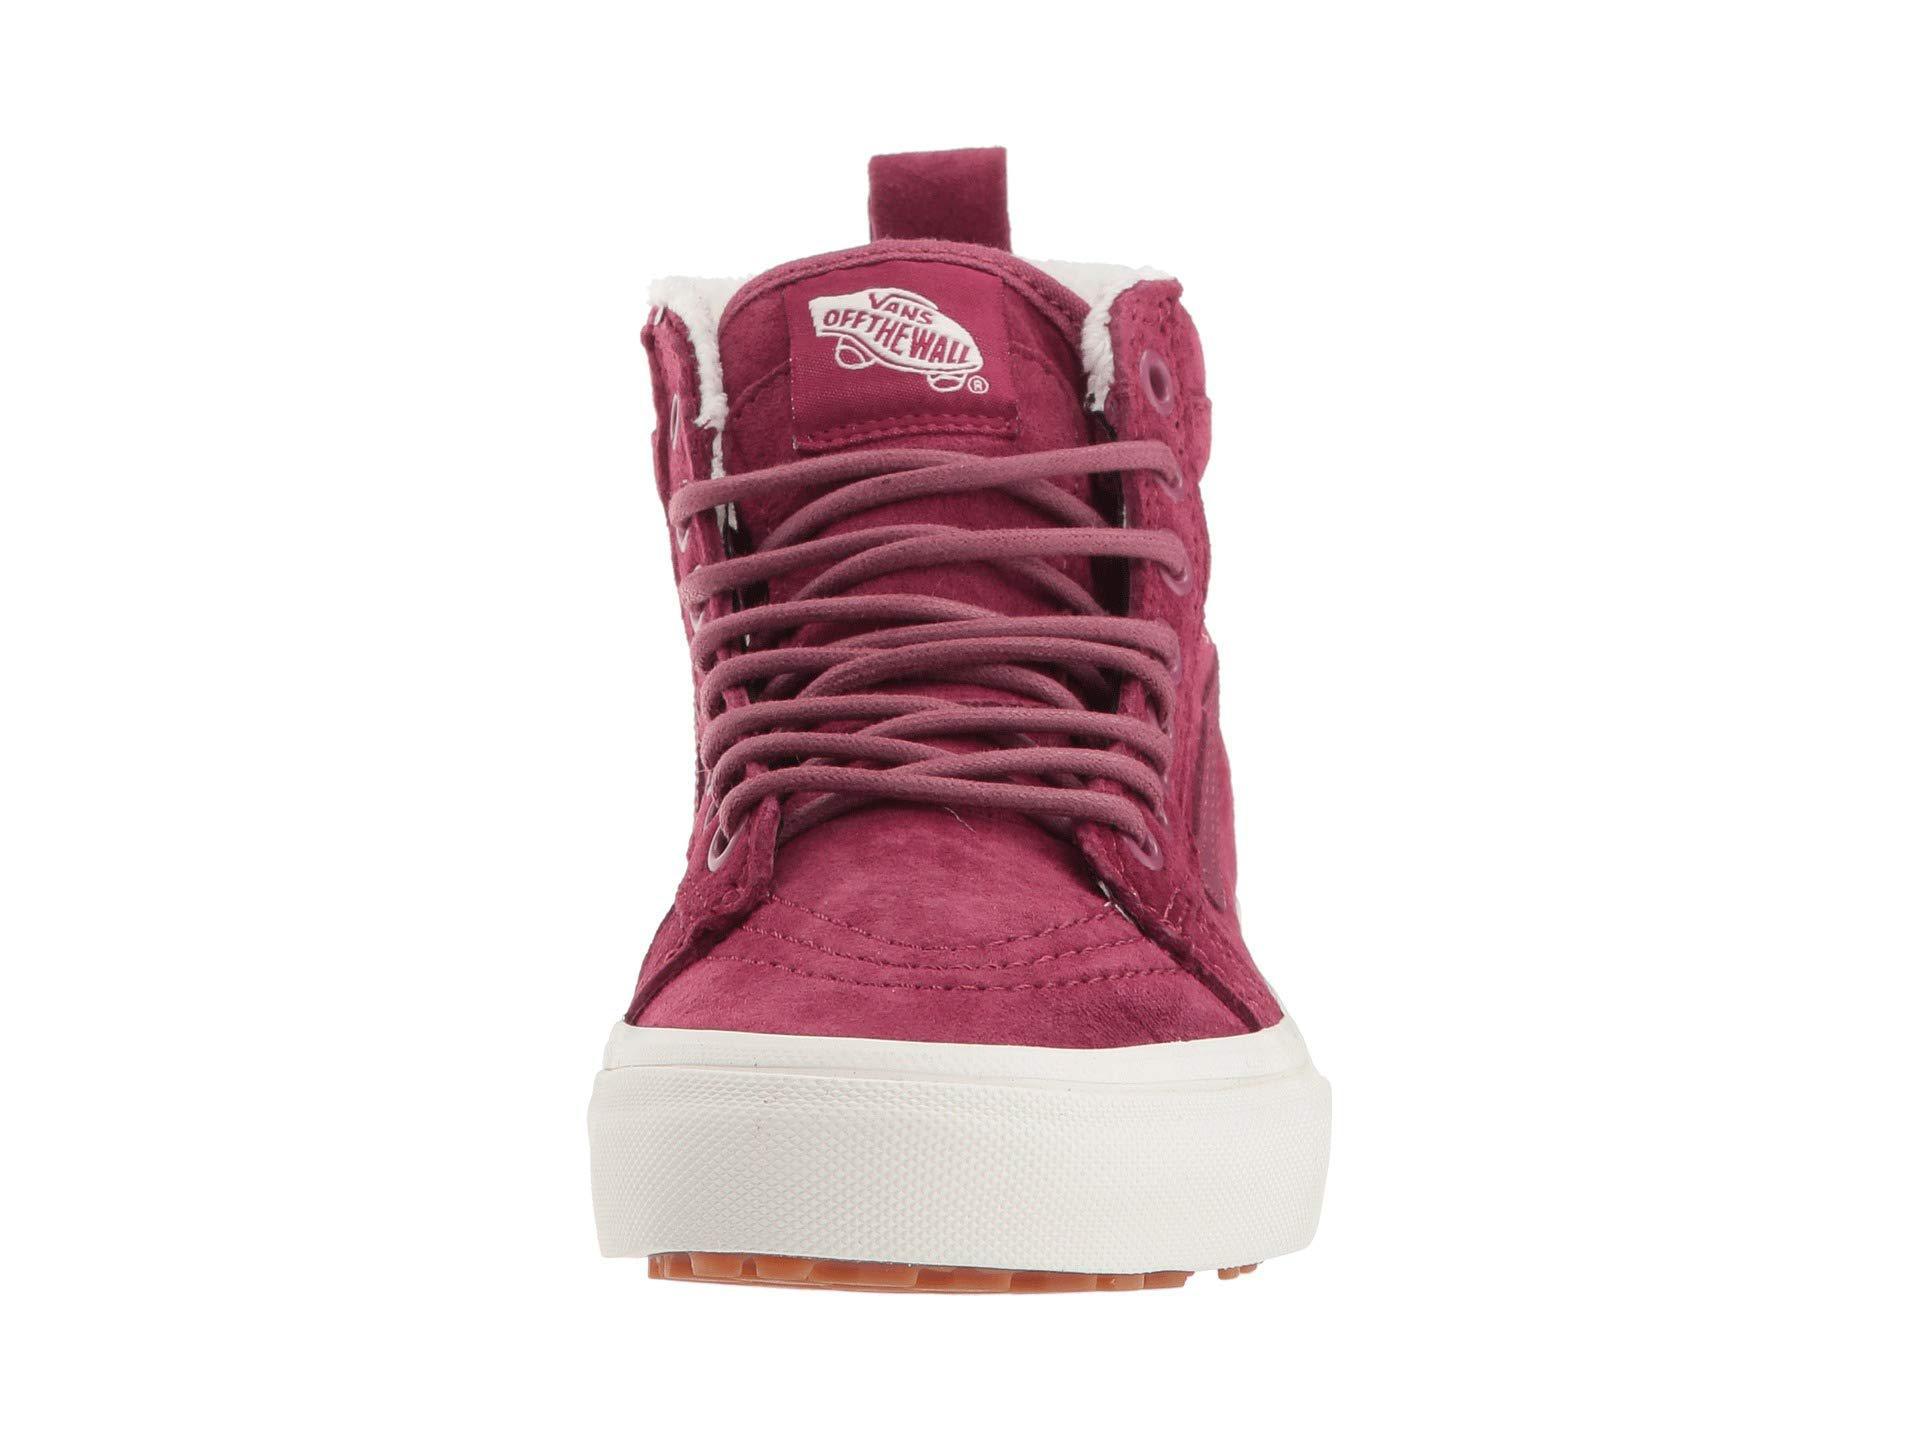 01165740d8 Lyst - Vans Sk8-hi Mte ((mte) Black gum) Skate Shoes